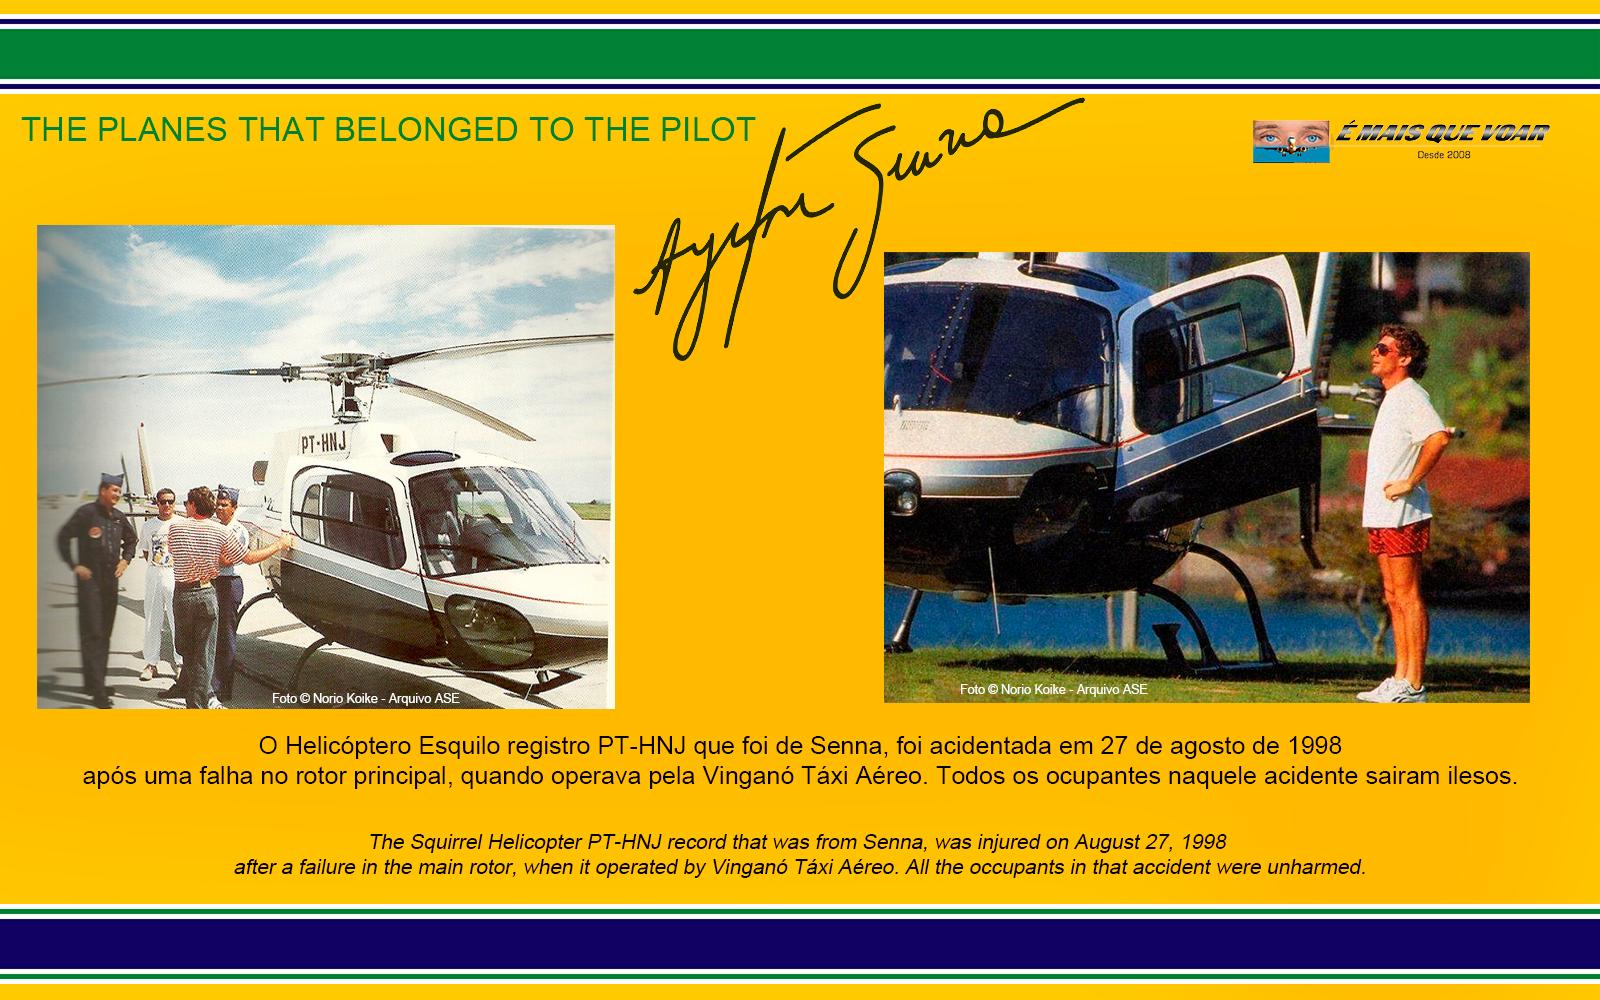 PT-HNJ - Esquilo AS350 - Os helicópteros e os aviões que foram do piloto Ayrton Senna? | É MAIS QUE VOAR